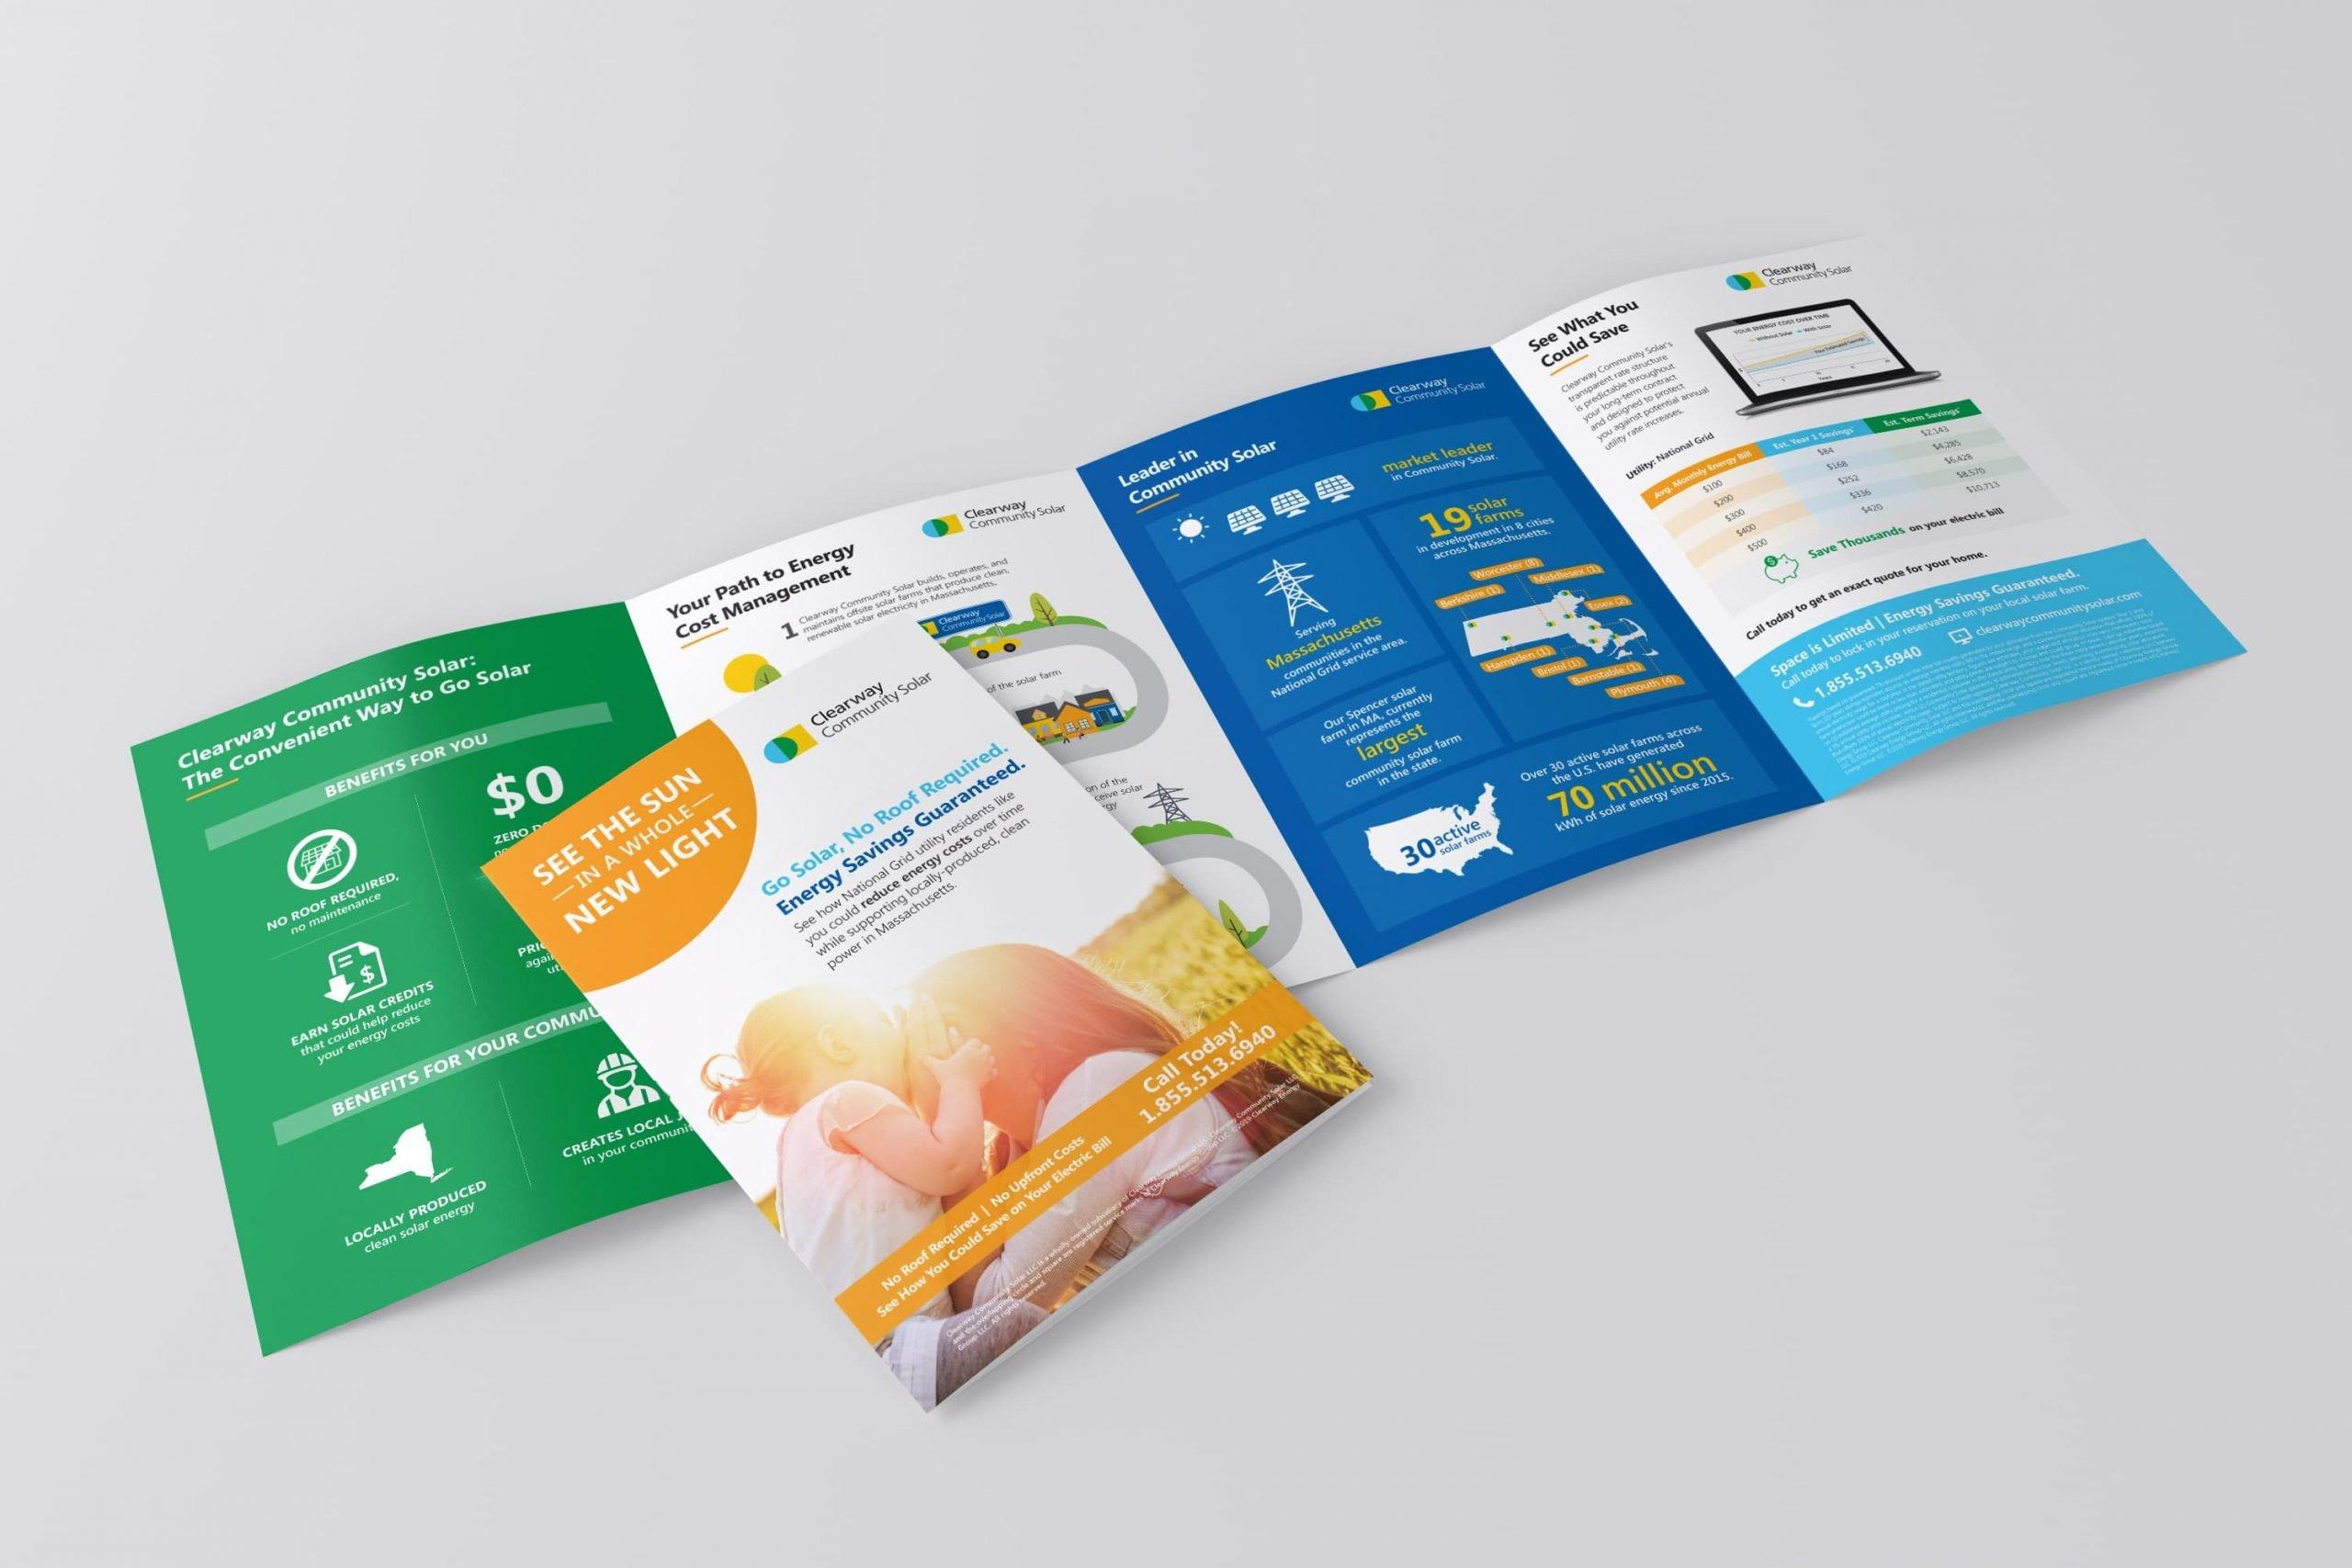 Clearway-community-solar-Gatefold-brochure